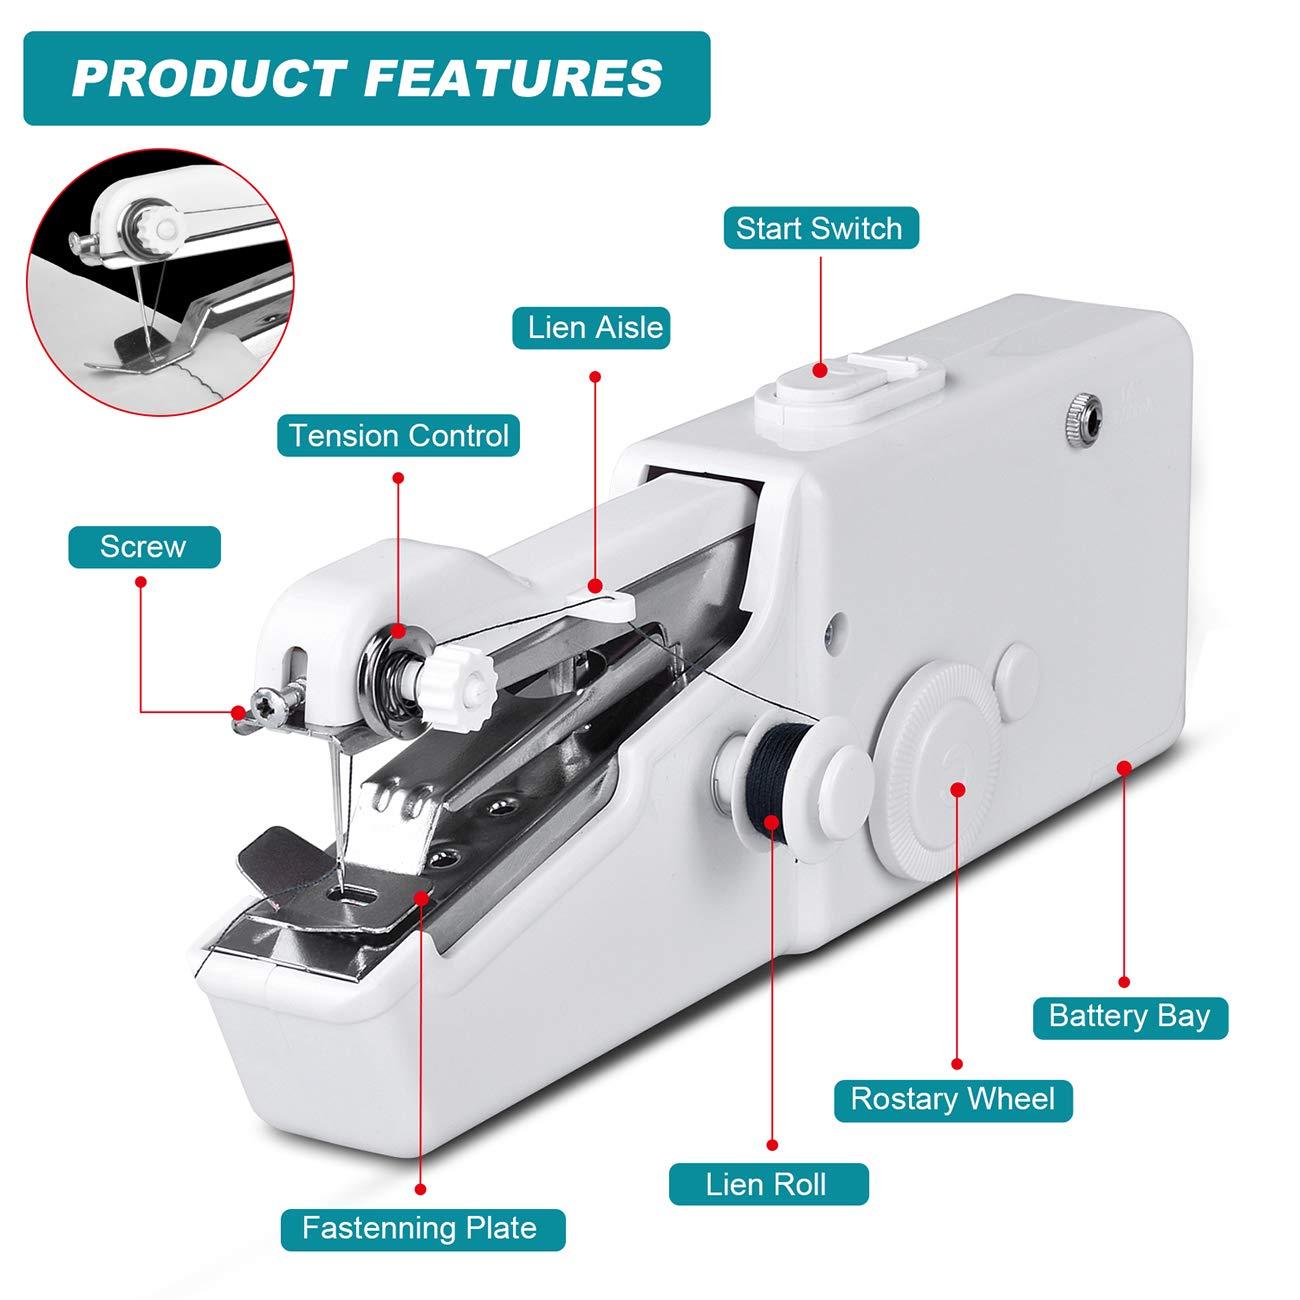 Macchine da Cucire per Viaggi a Casa Principianti Tende Abbigliamento Artigianato Aonny Macchina da Cucire Portatile